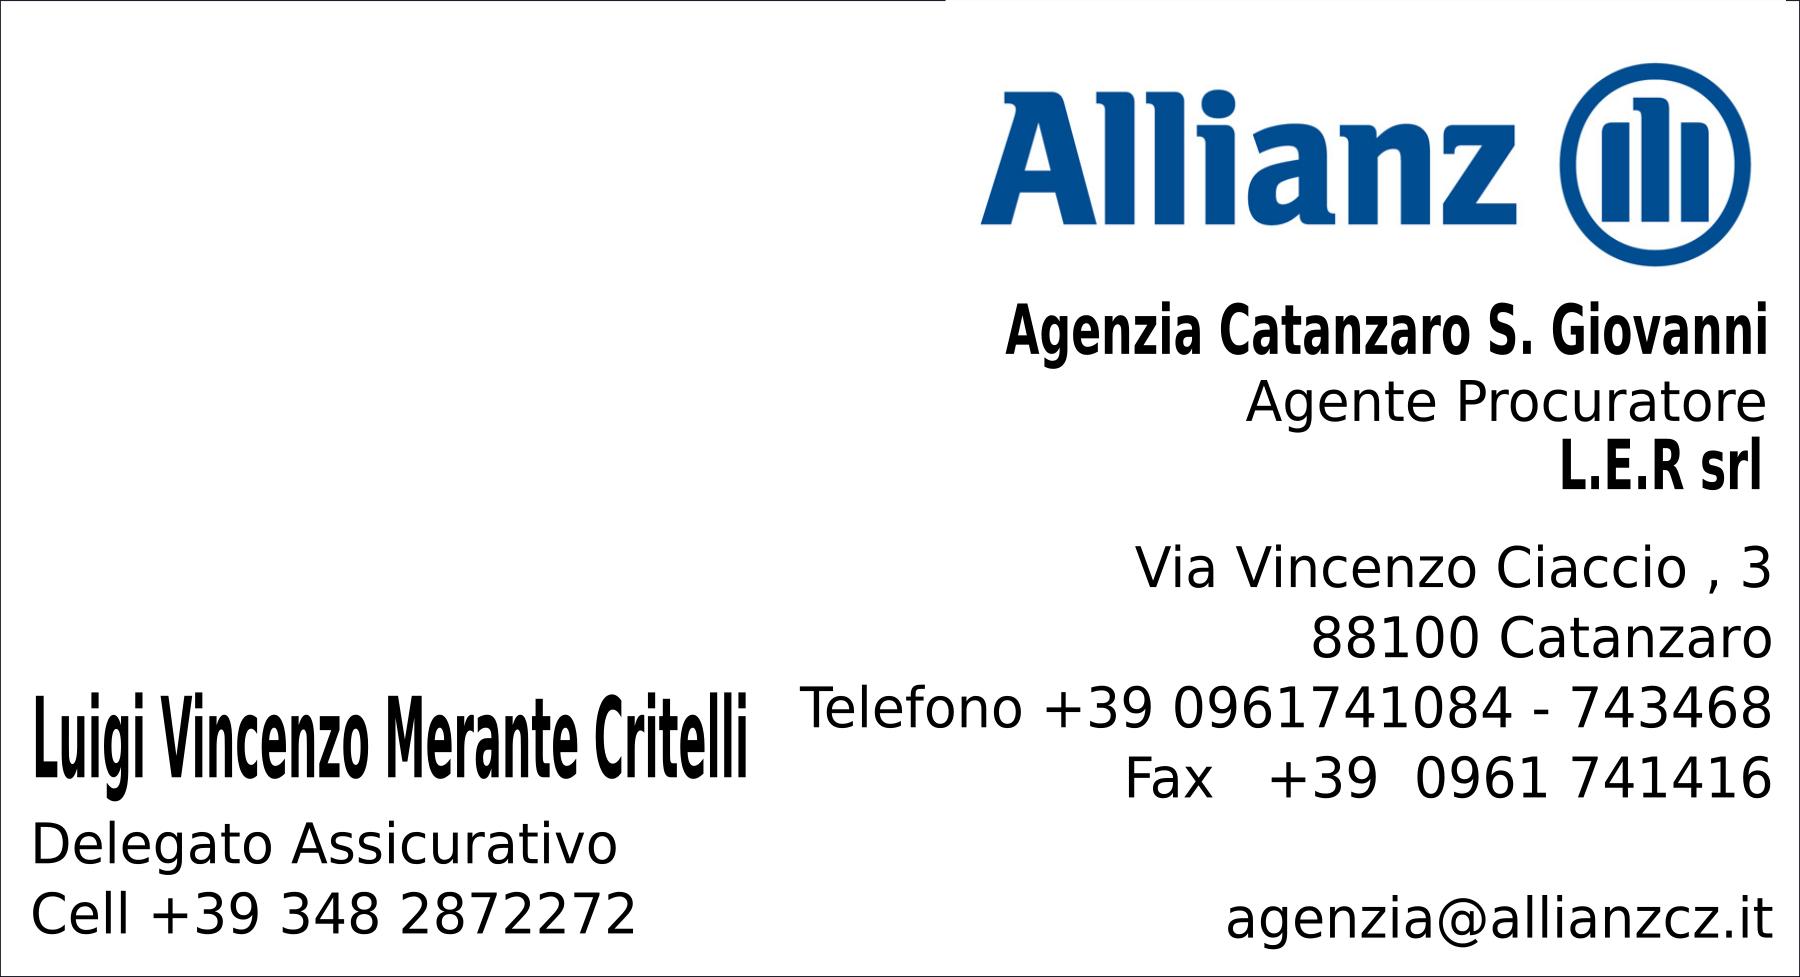 http://iniziativagimigliano.com/domain/wp-content/uploads/2017/07/Allianz-Merante-Assicurazione.png